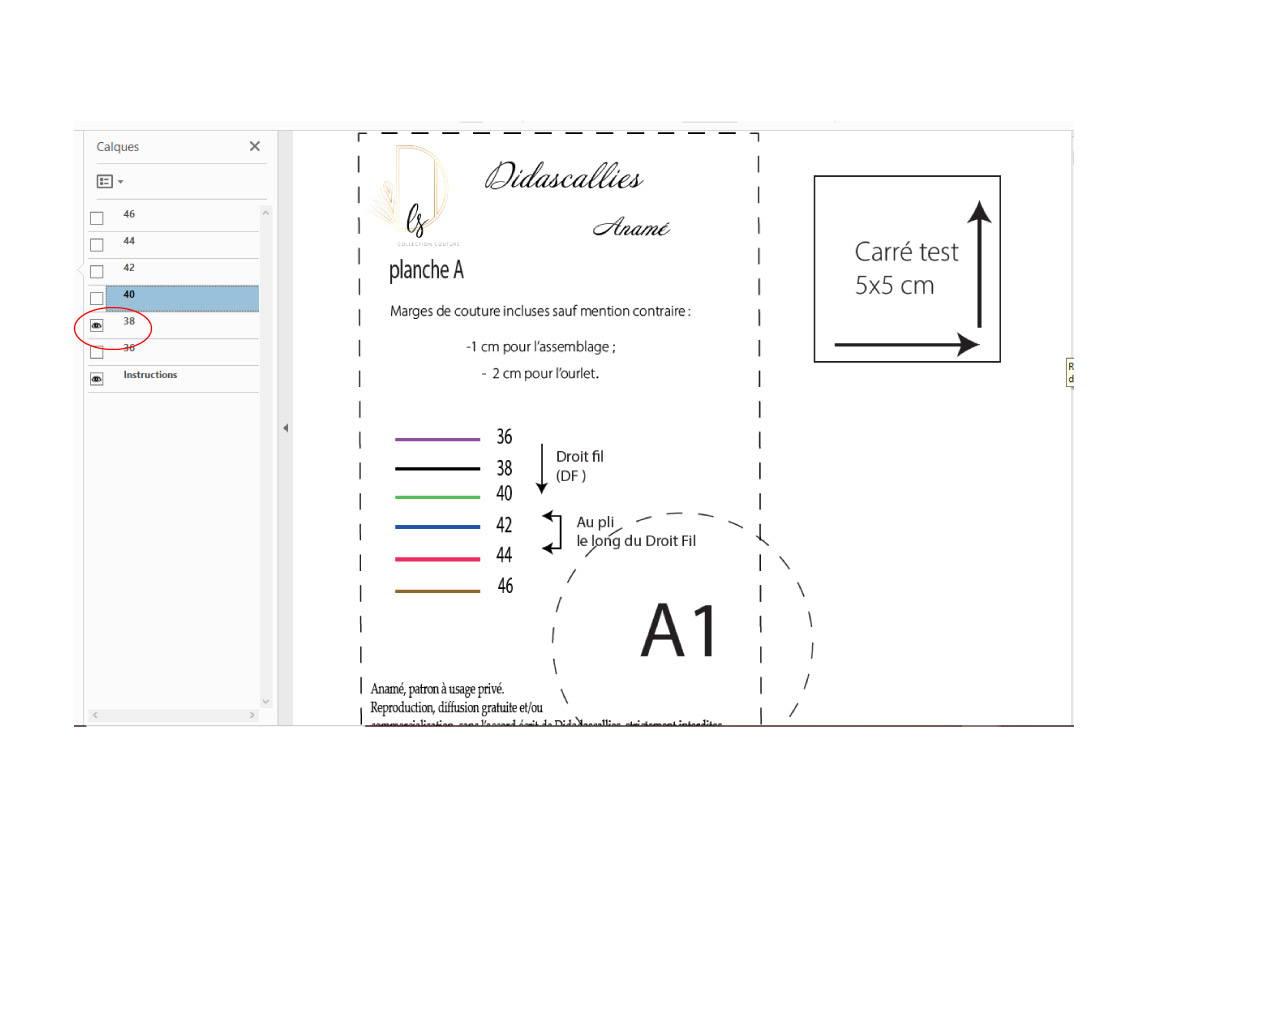 une étape de l'impression de patron de couture en format pdf